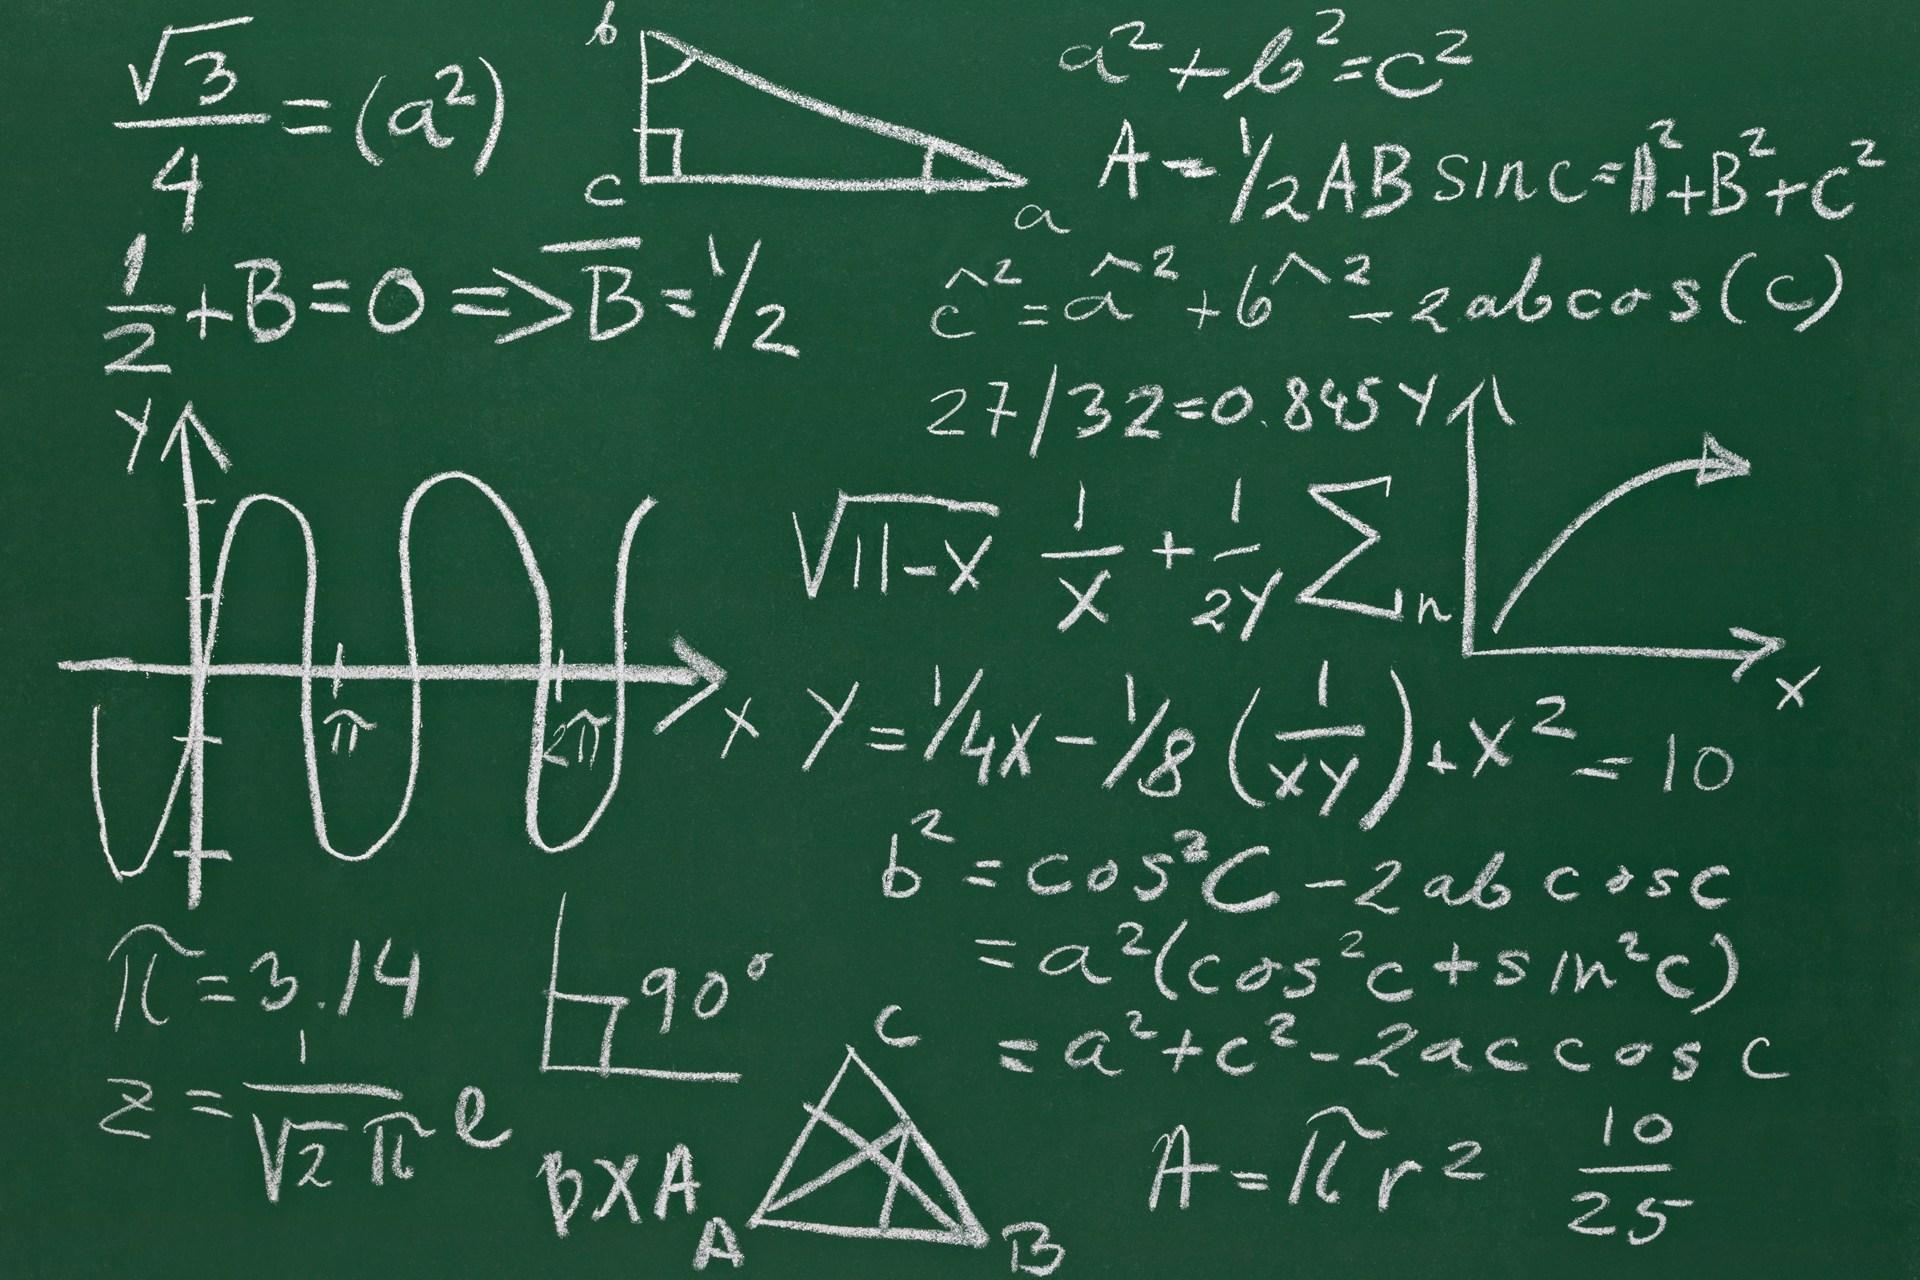 حدنصاب تراز دعوت به مصاحبه دکتری ریاضی کاربردی (کد 2234)